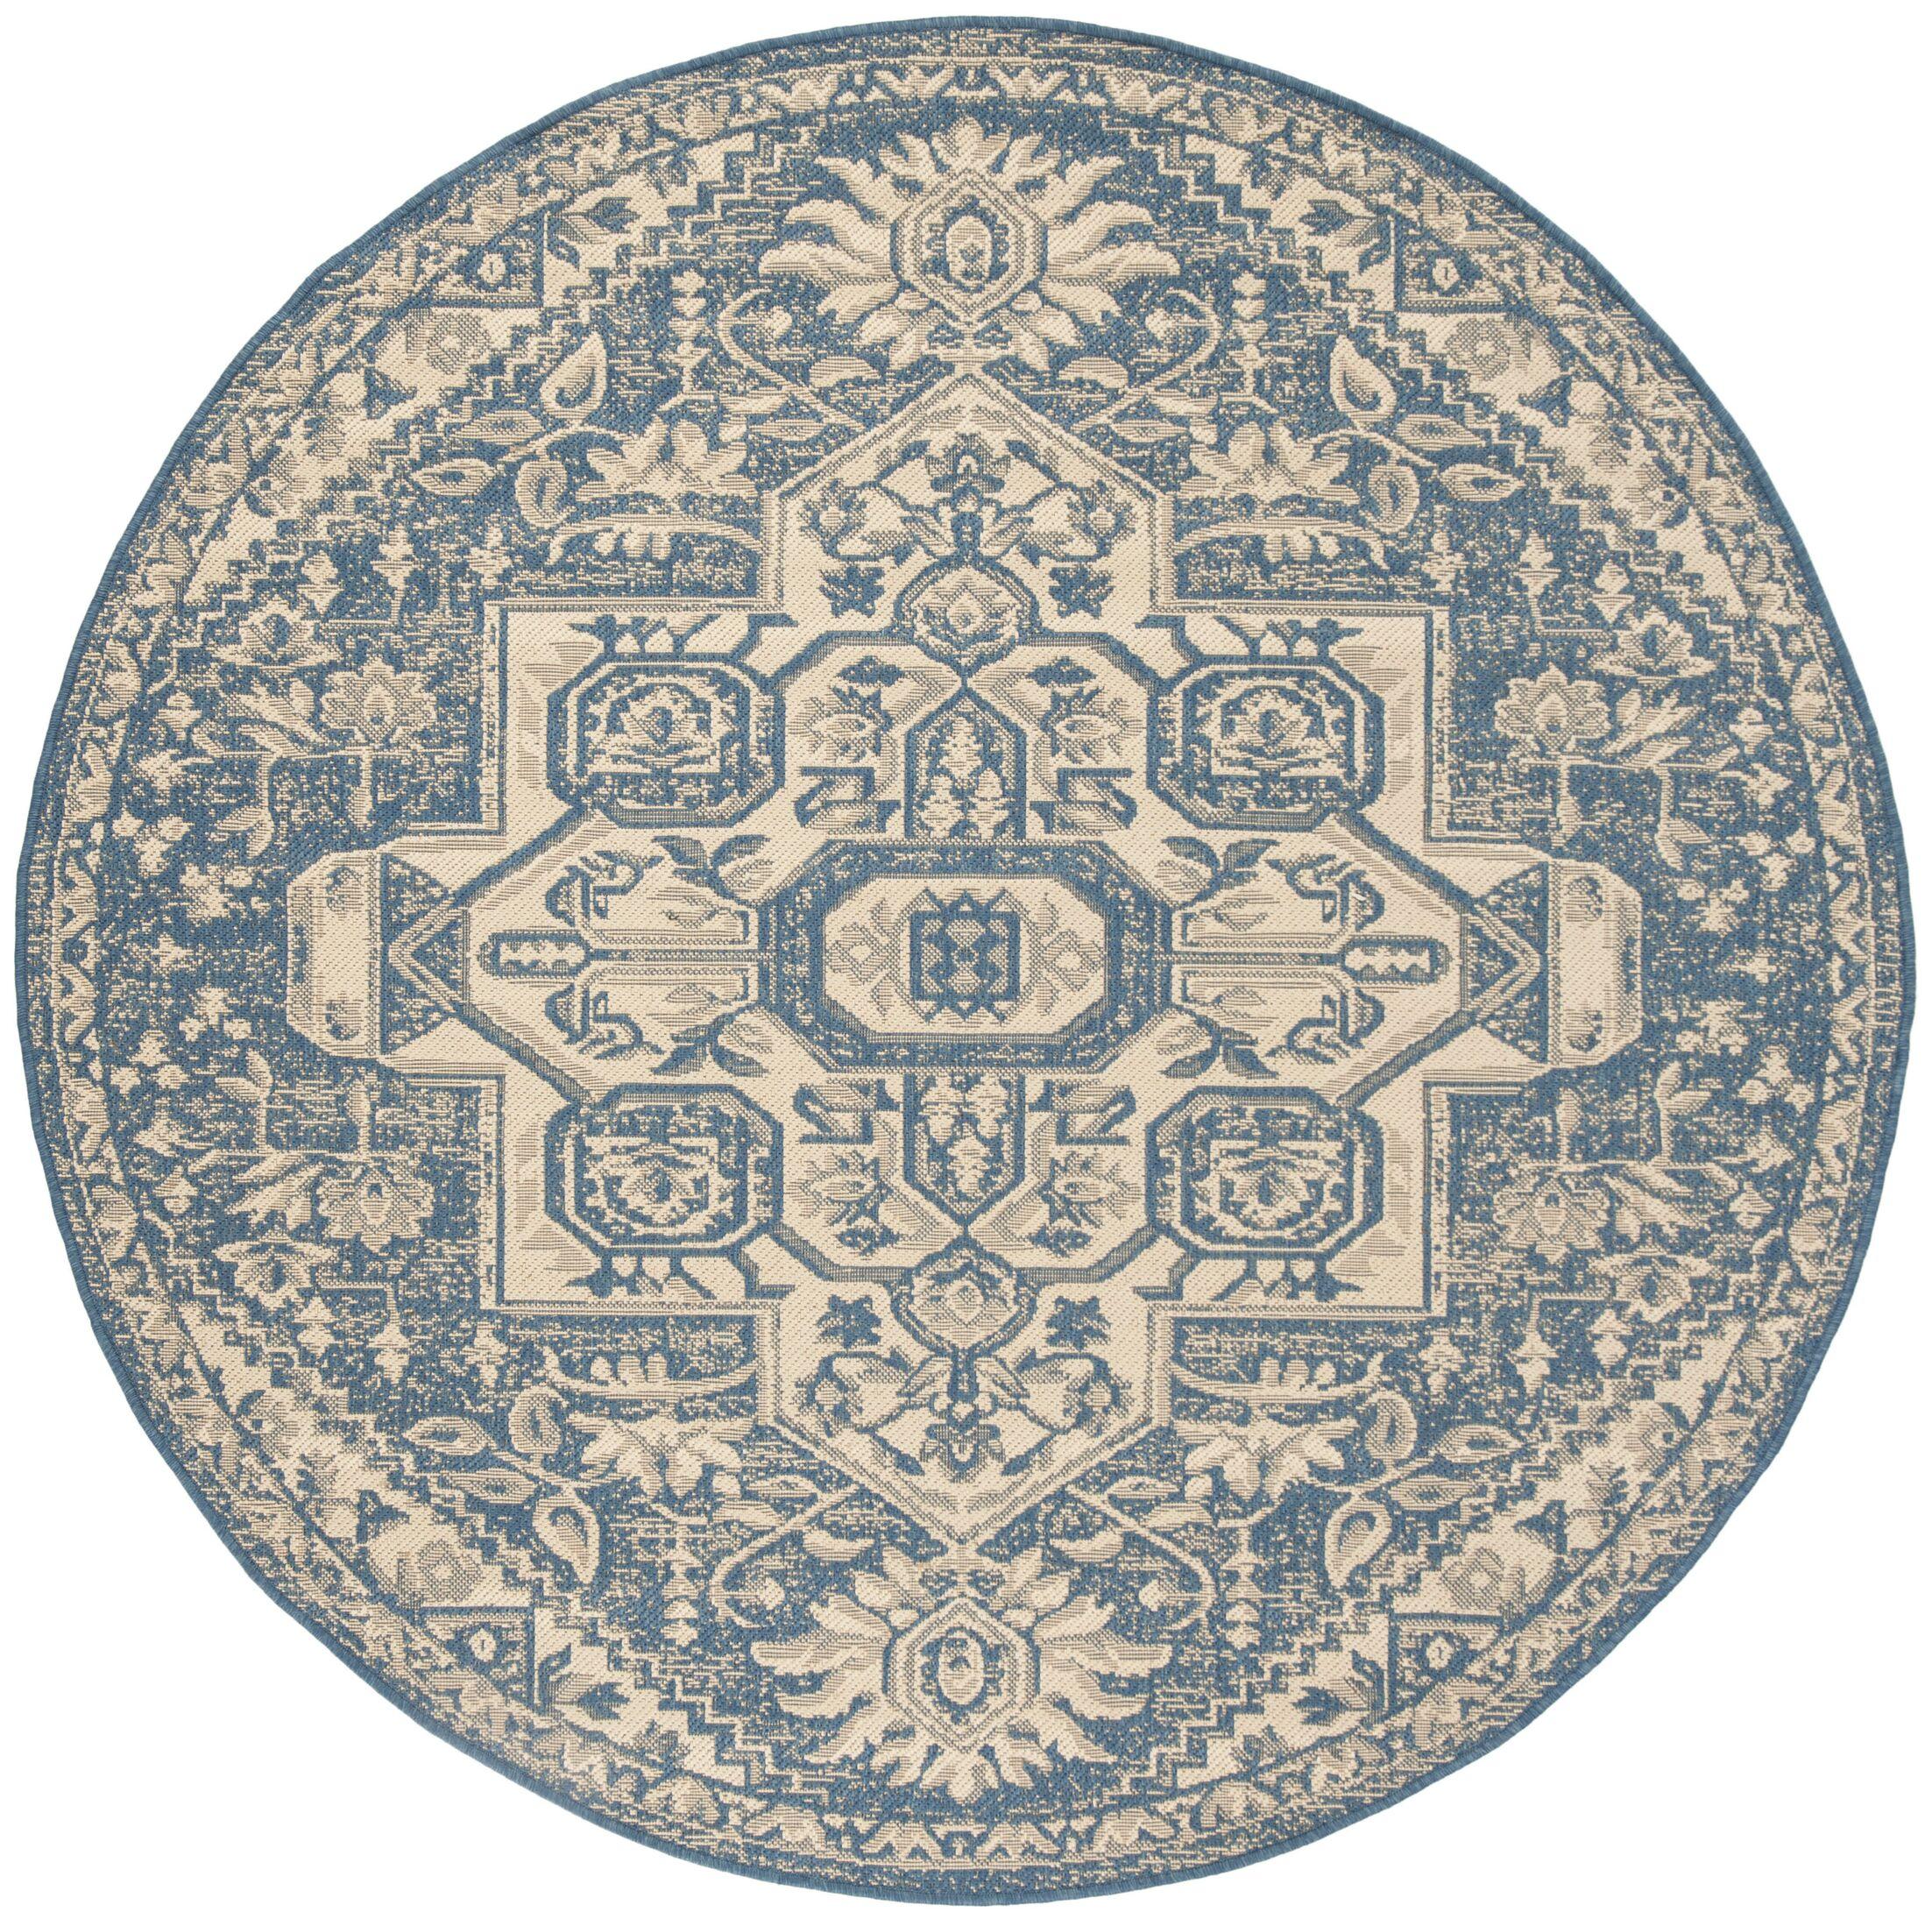 Berardi Cream/Blue Area Rug Rug Size: Round 6'7